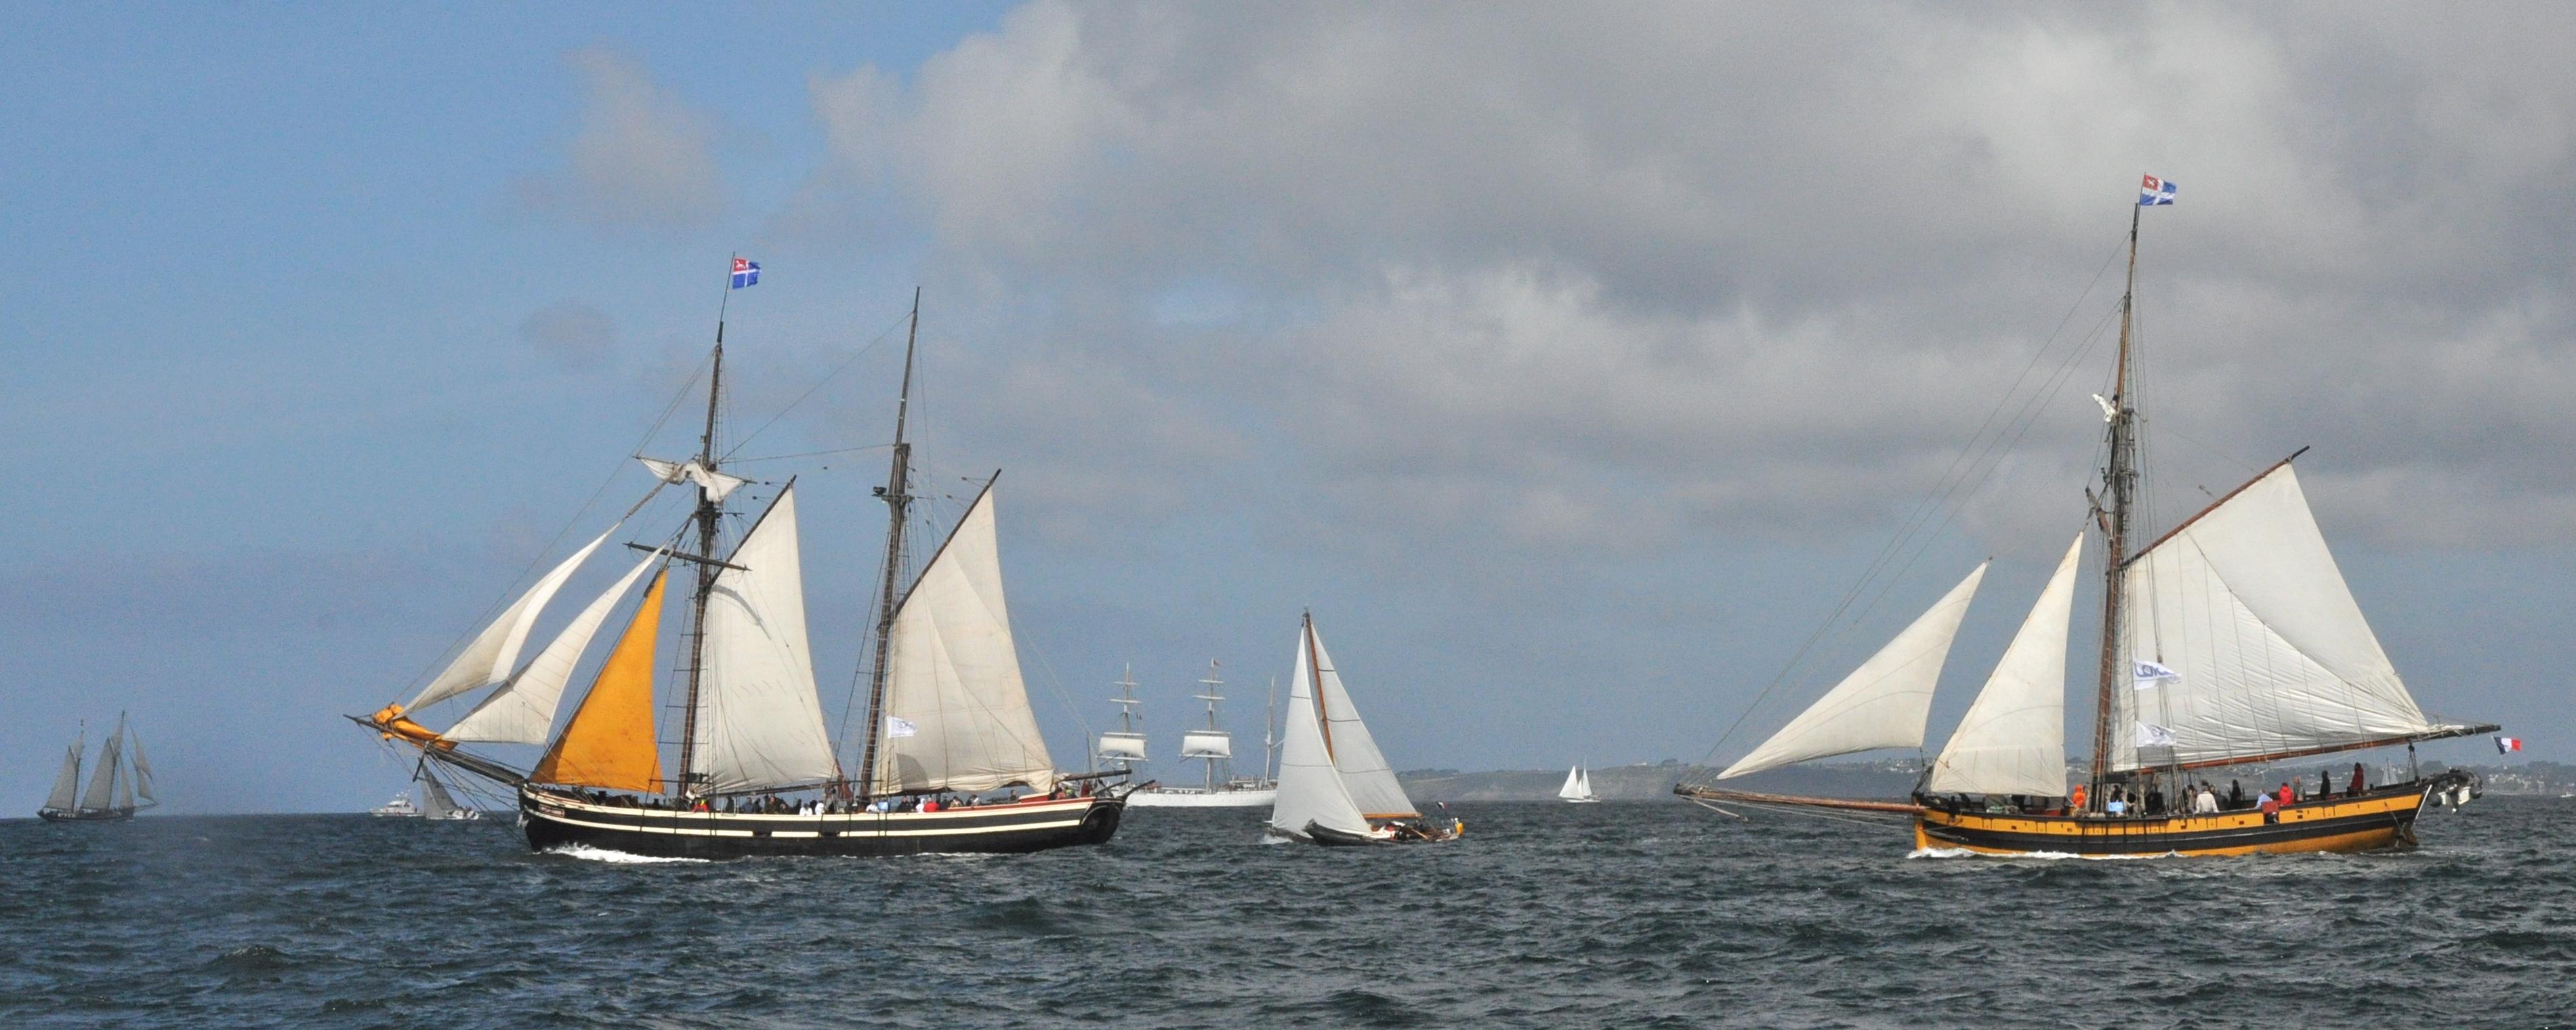 Brest 2012-Parade au ras de l'eau-15jl.JPG